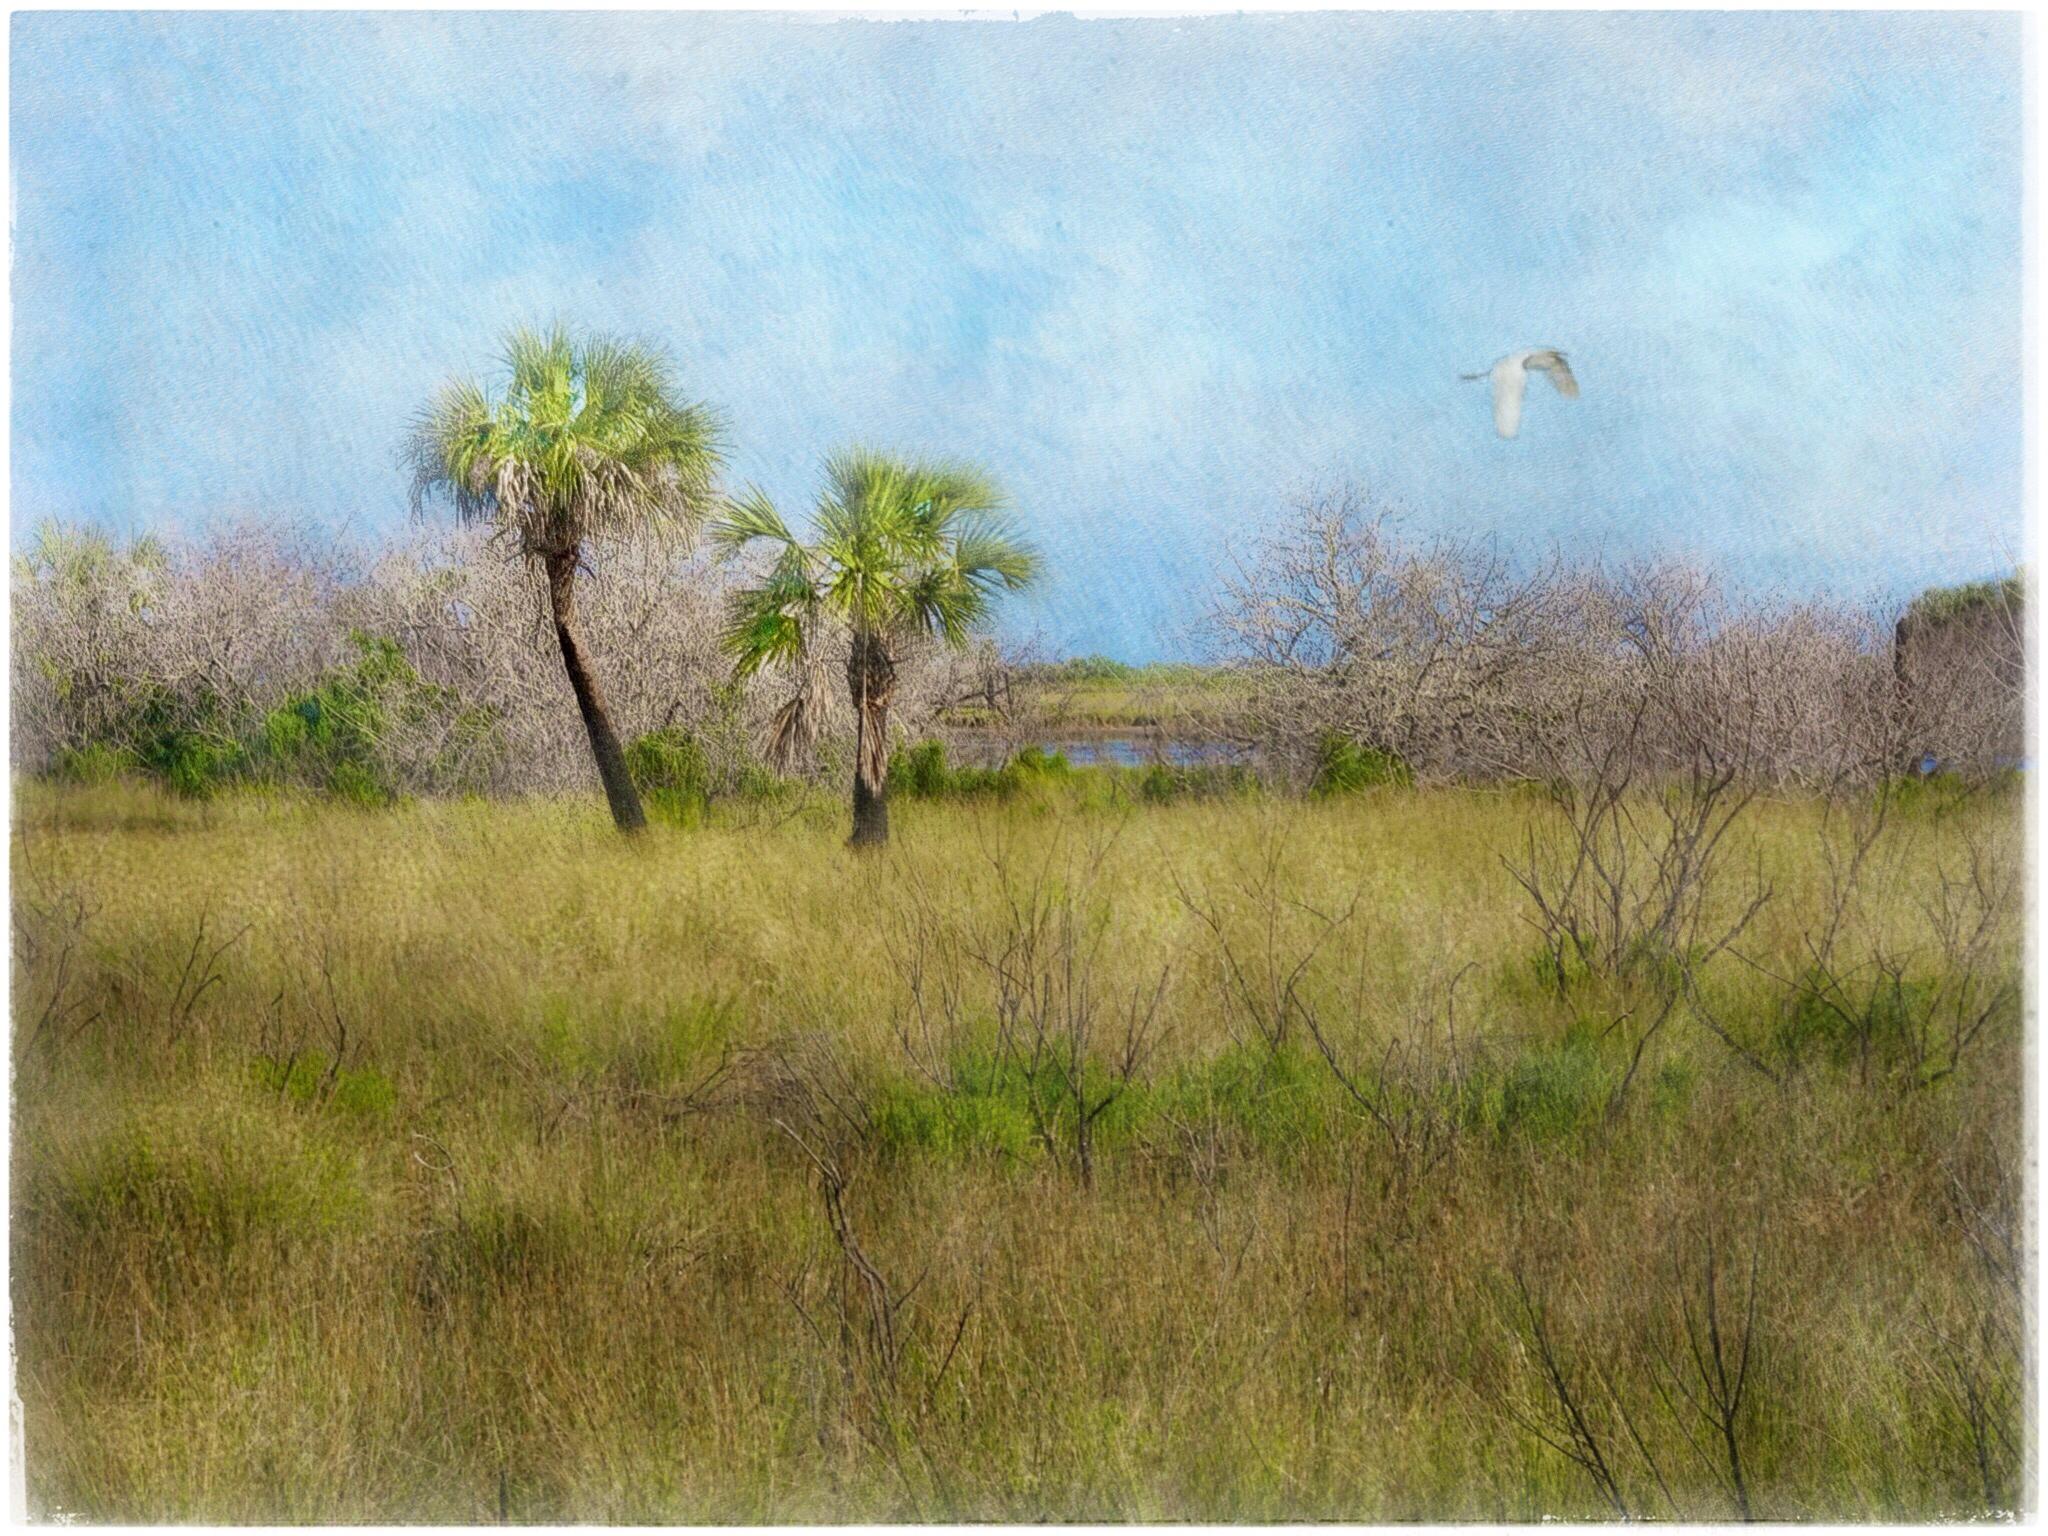 Fond Décran Paysage La Peinture Herbe Ciel Champ Faune île